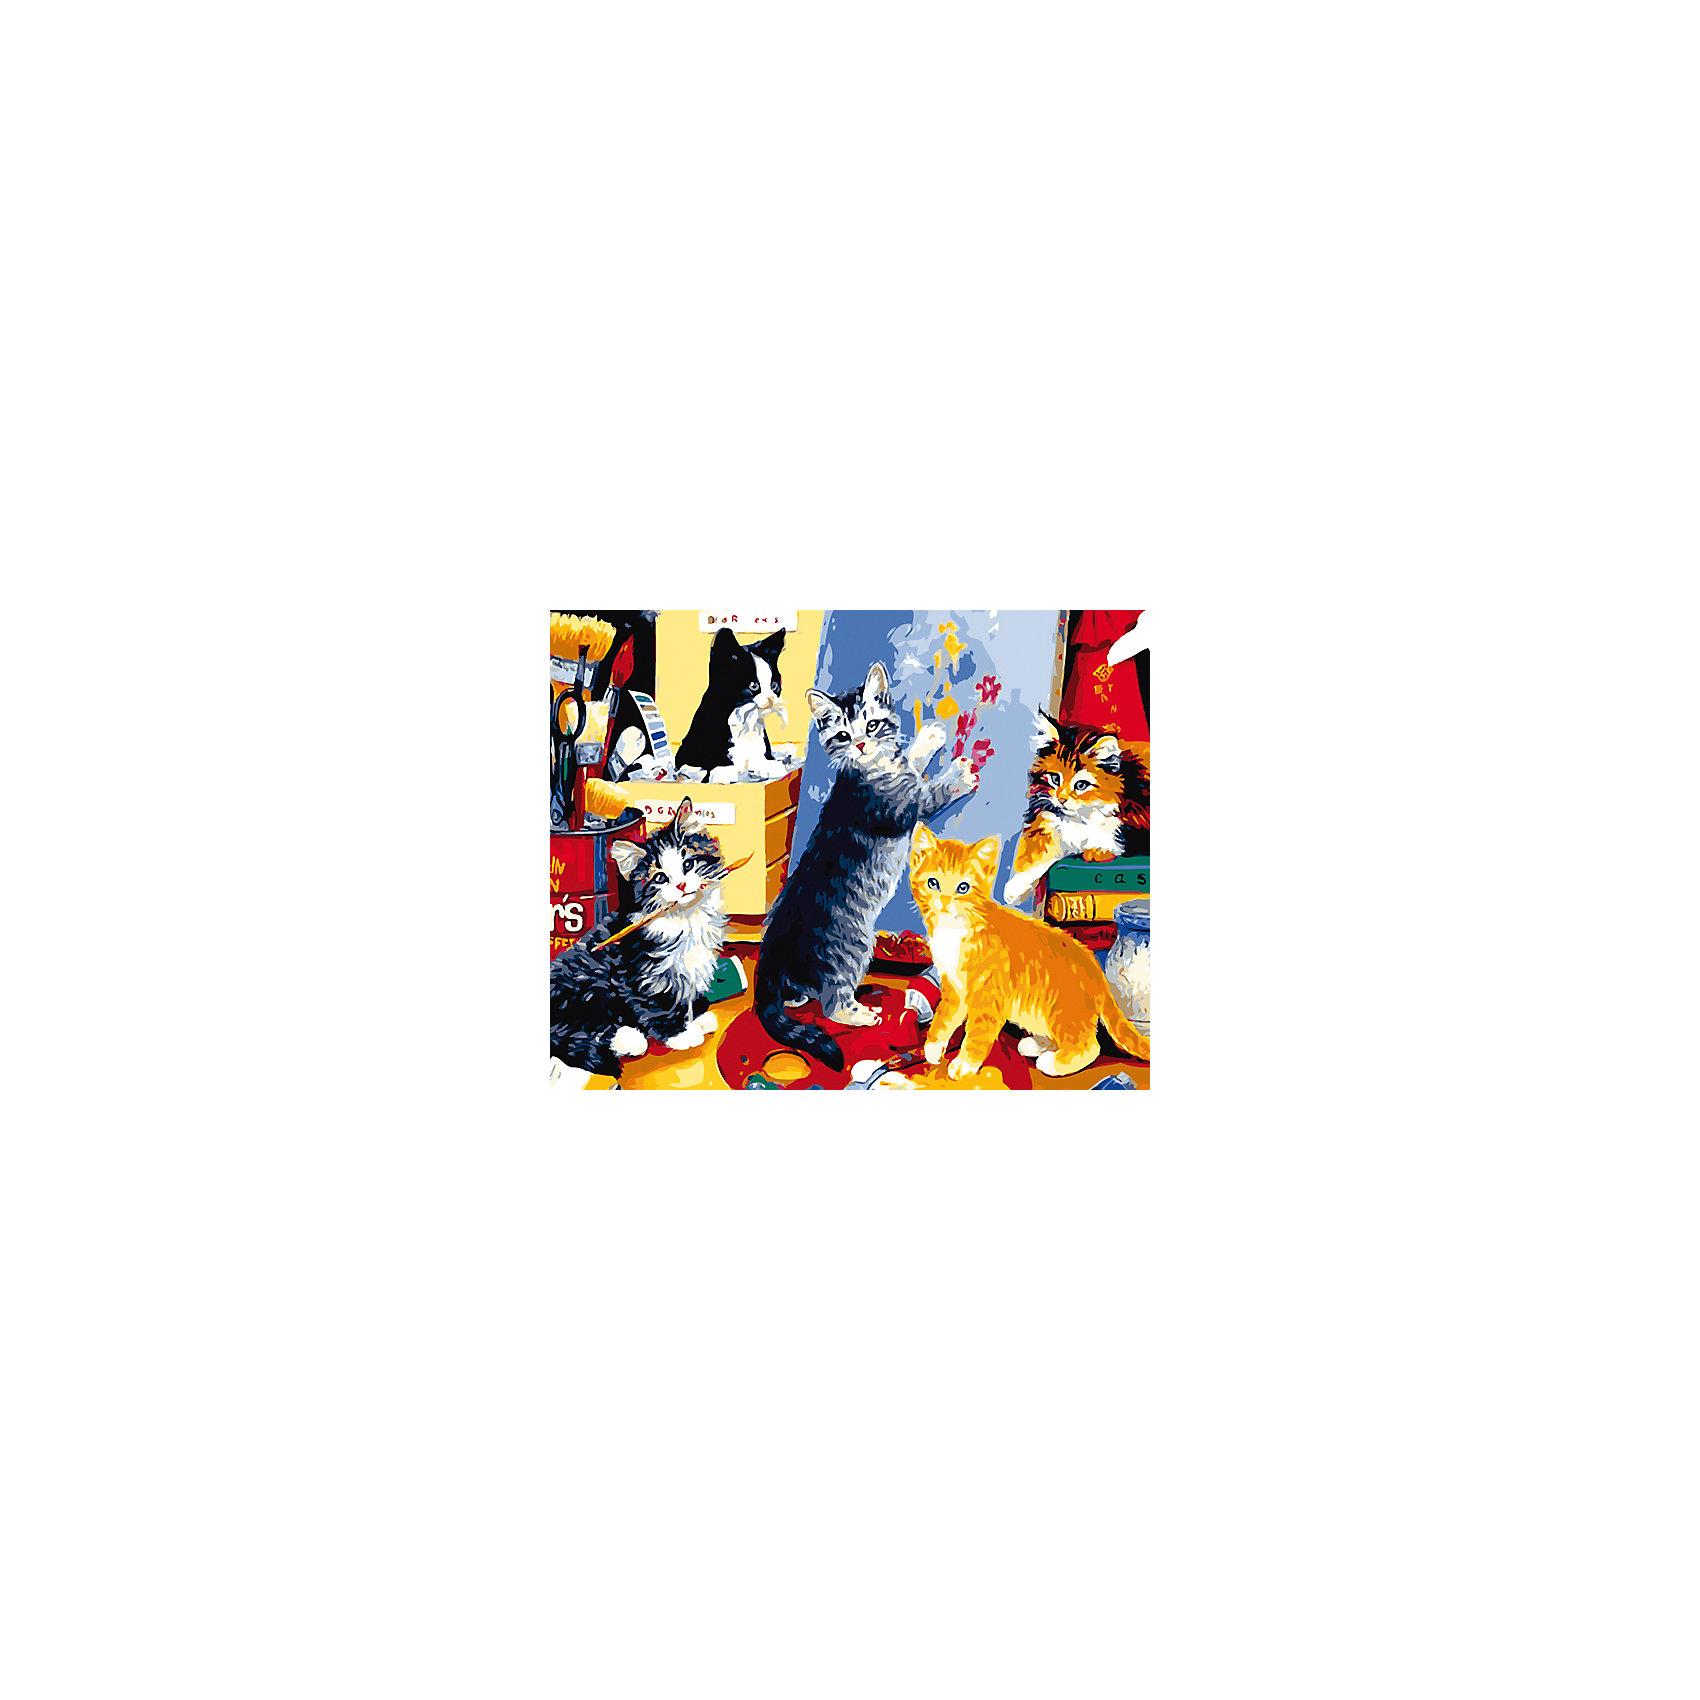 Холст с красками по номерам Игривые котята 40х50 смРаскраски по номерам<br>замечательные наборы для создания уникального шедевра изобразительного искусства. Создание картин на специально подготовленной рабочей поверхности – это уникальная техника, позволяющая делать Ваши шедевры более яркими и реалистичными. Просто нанесите мазки на уже готовый эскиз и оживите картину! Готовые изделия могут стать украшением интерьера или прекрасным подарком близким и друзьям.<br><br>Ширина мм: 510<br>Глубина мм: 410<br>Высота мм: 25<br>Вес г: 900<br>Возраст от месяцев: 36<br>Возраст до месяцев: 108<br>Пол: Унисекс<br>Возраст: Детский<br>SKU: 5096769